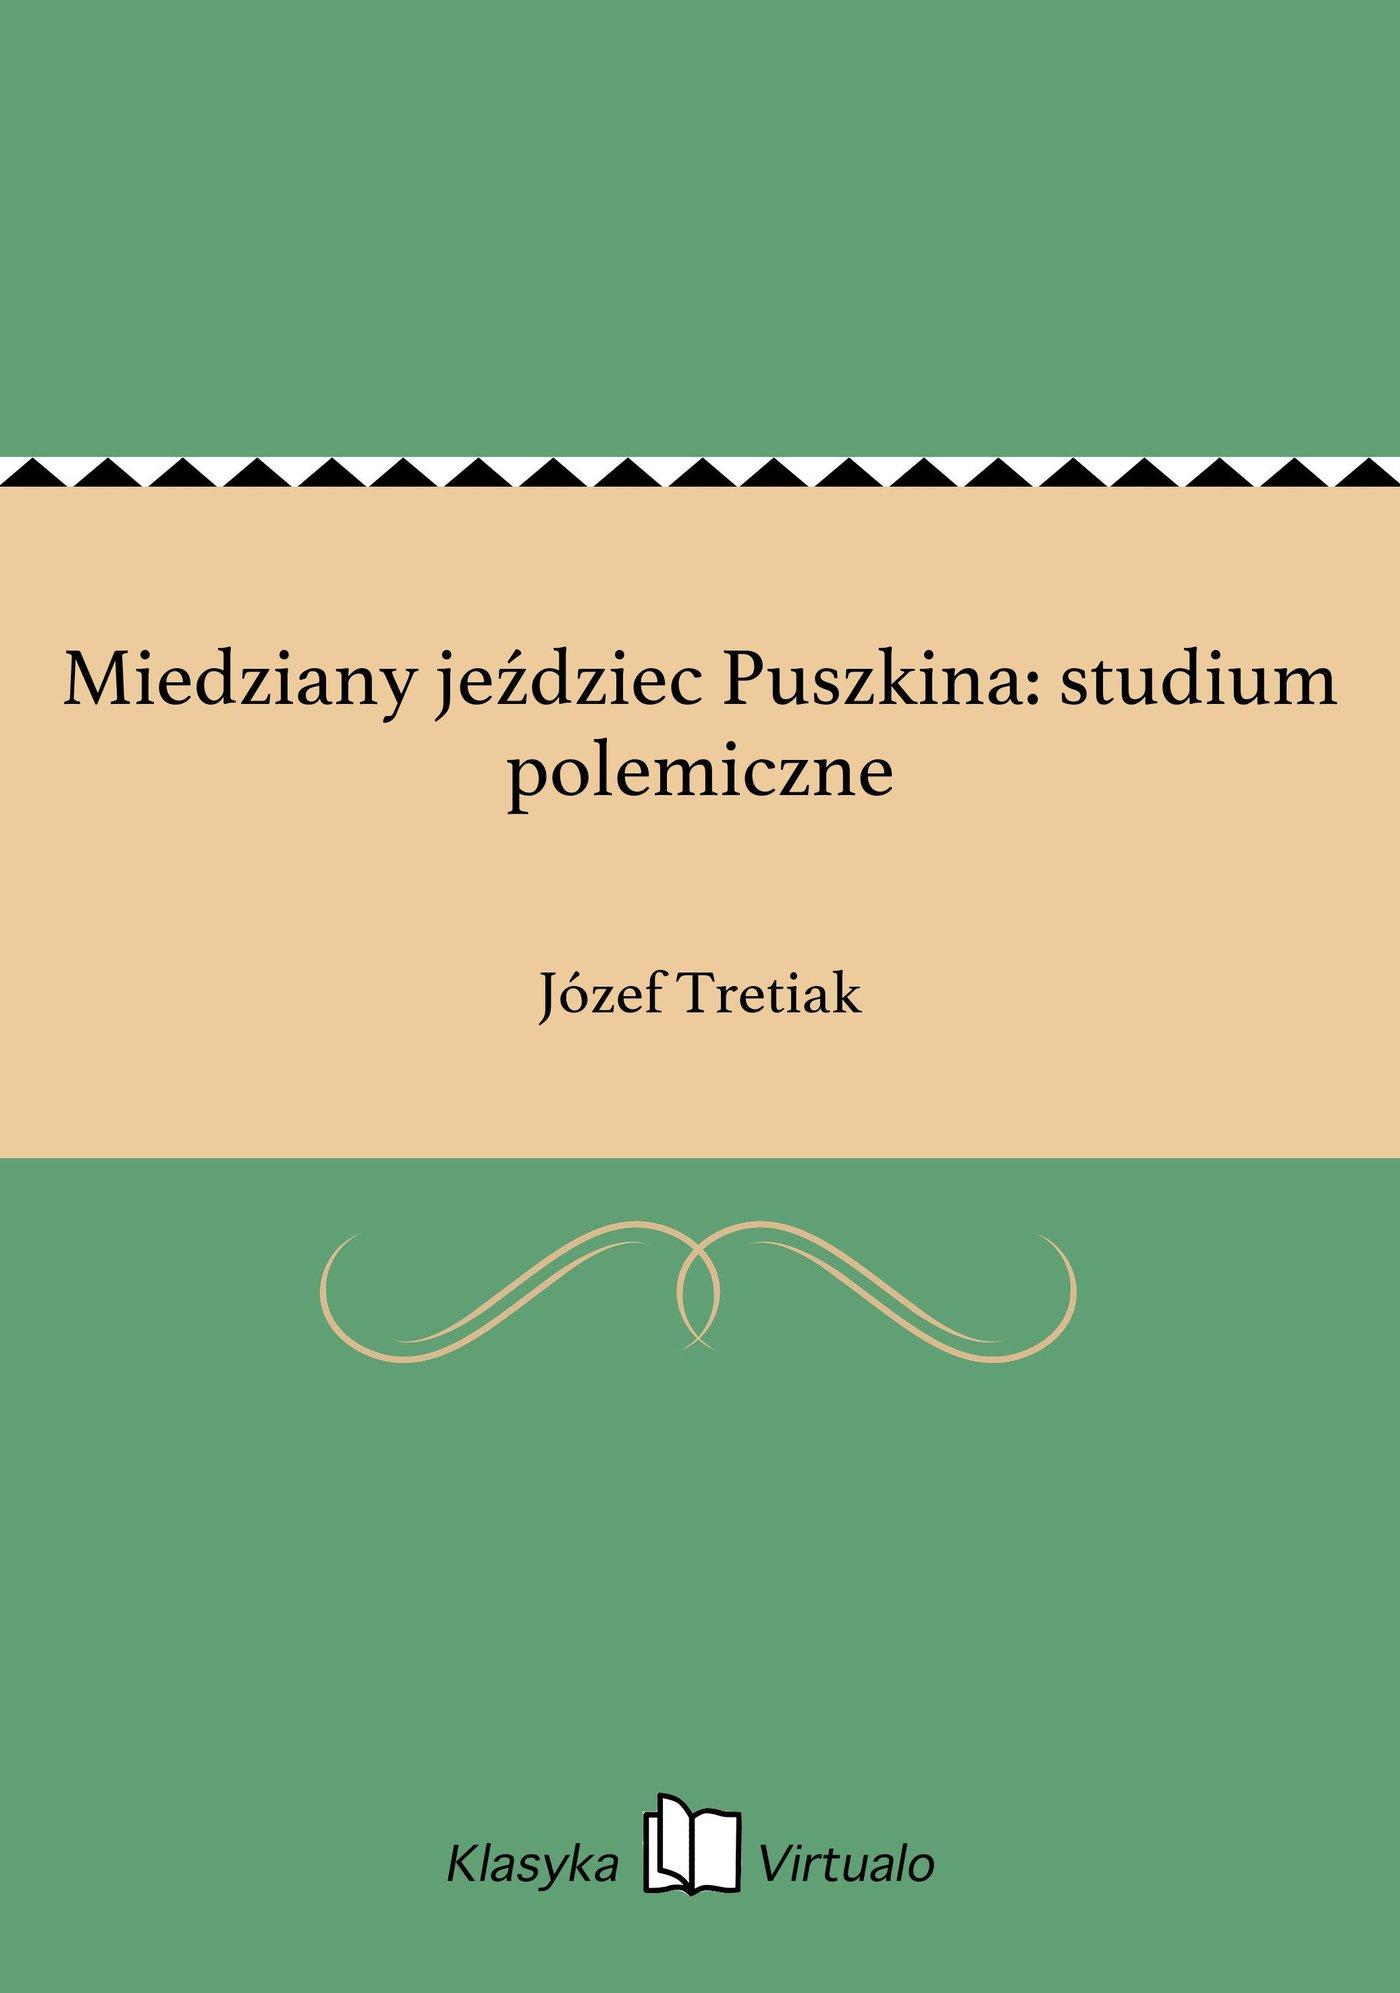 Miedziany jeździec Puszkina: studium polemiczne - Ebook (Książka EPUB) do pobrania w formacie EPUB